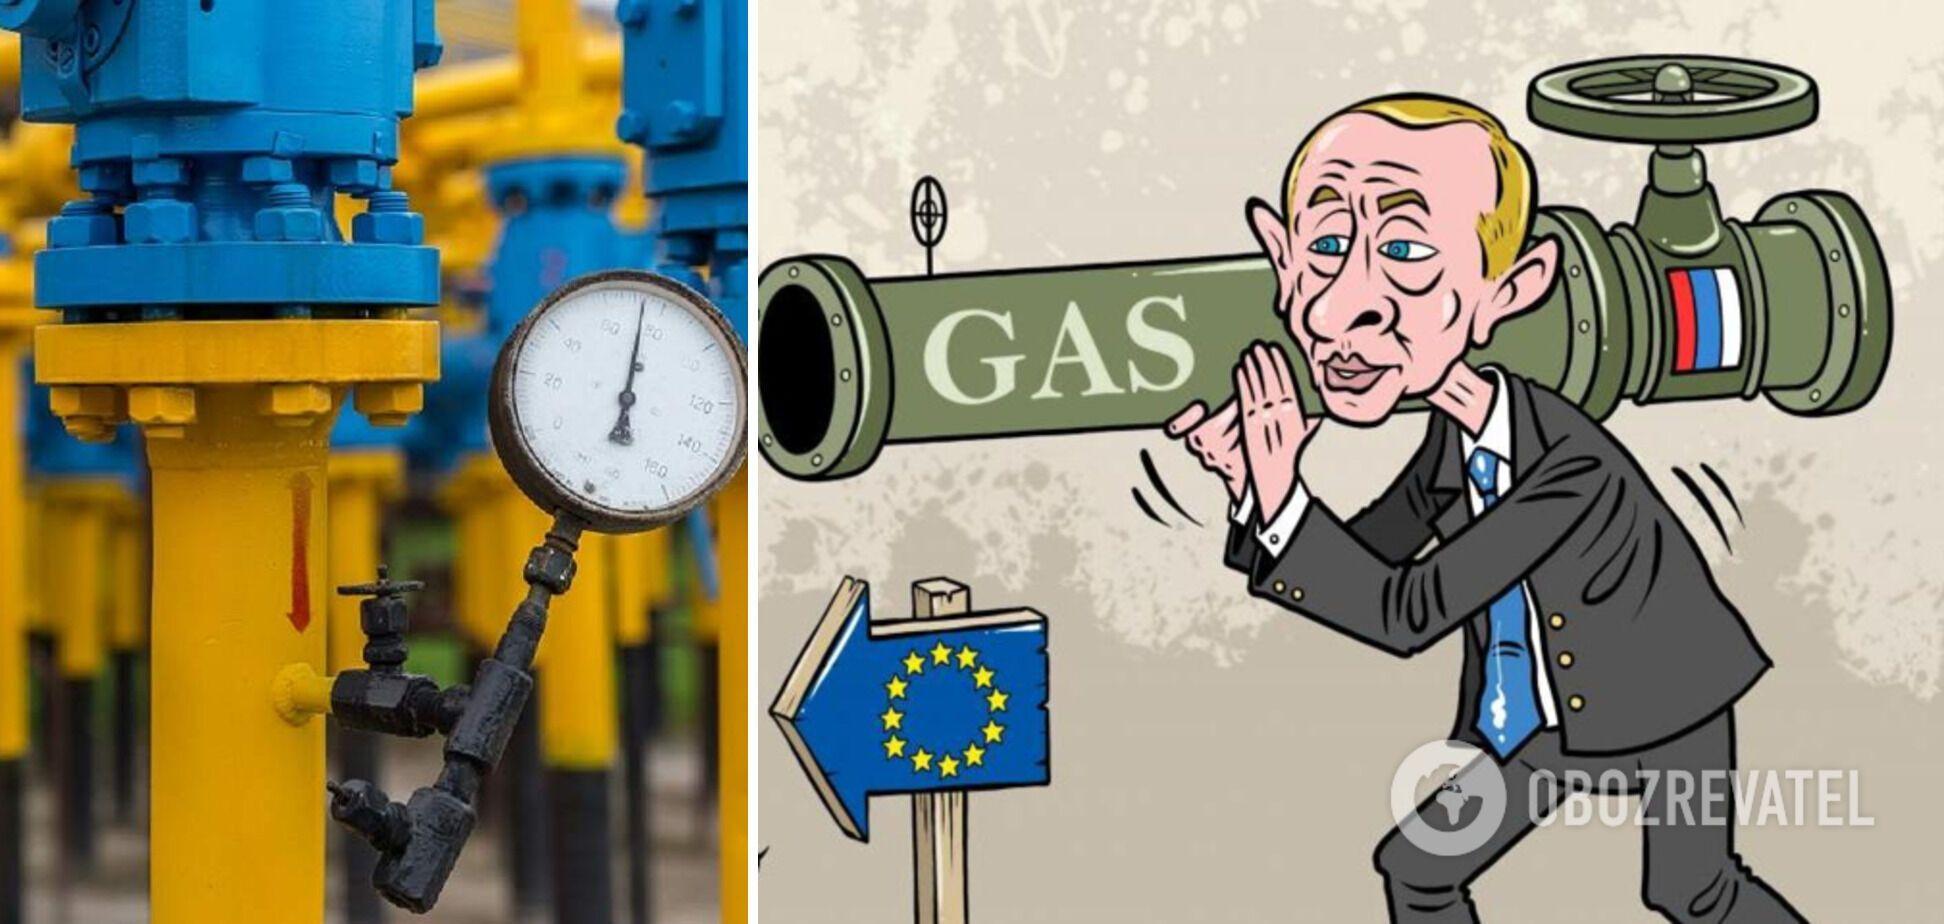 Путін відкрито погрожує підірвати українську ГТС